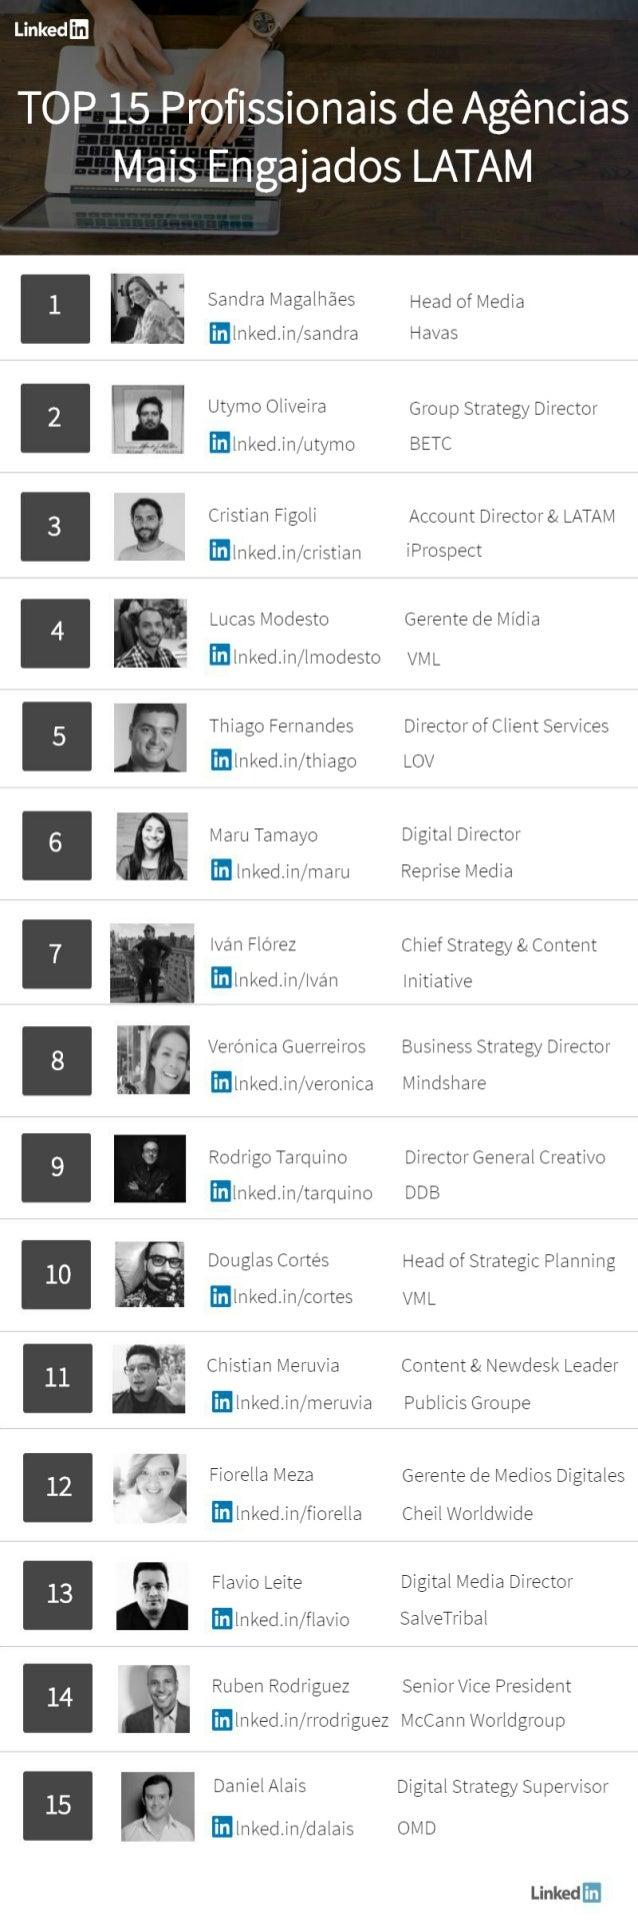 Top 15 Profissionais de Agências Latam 2017